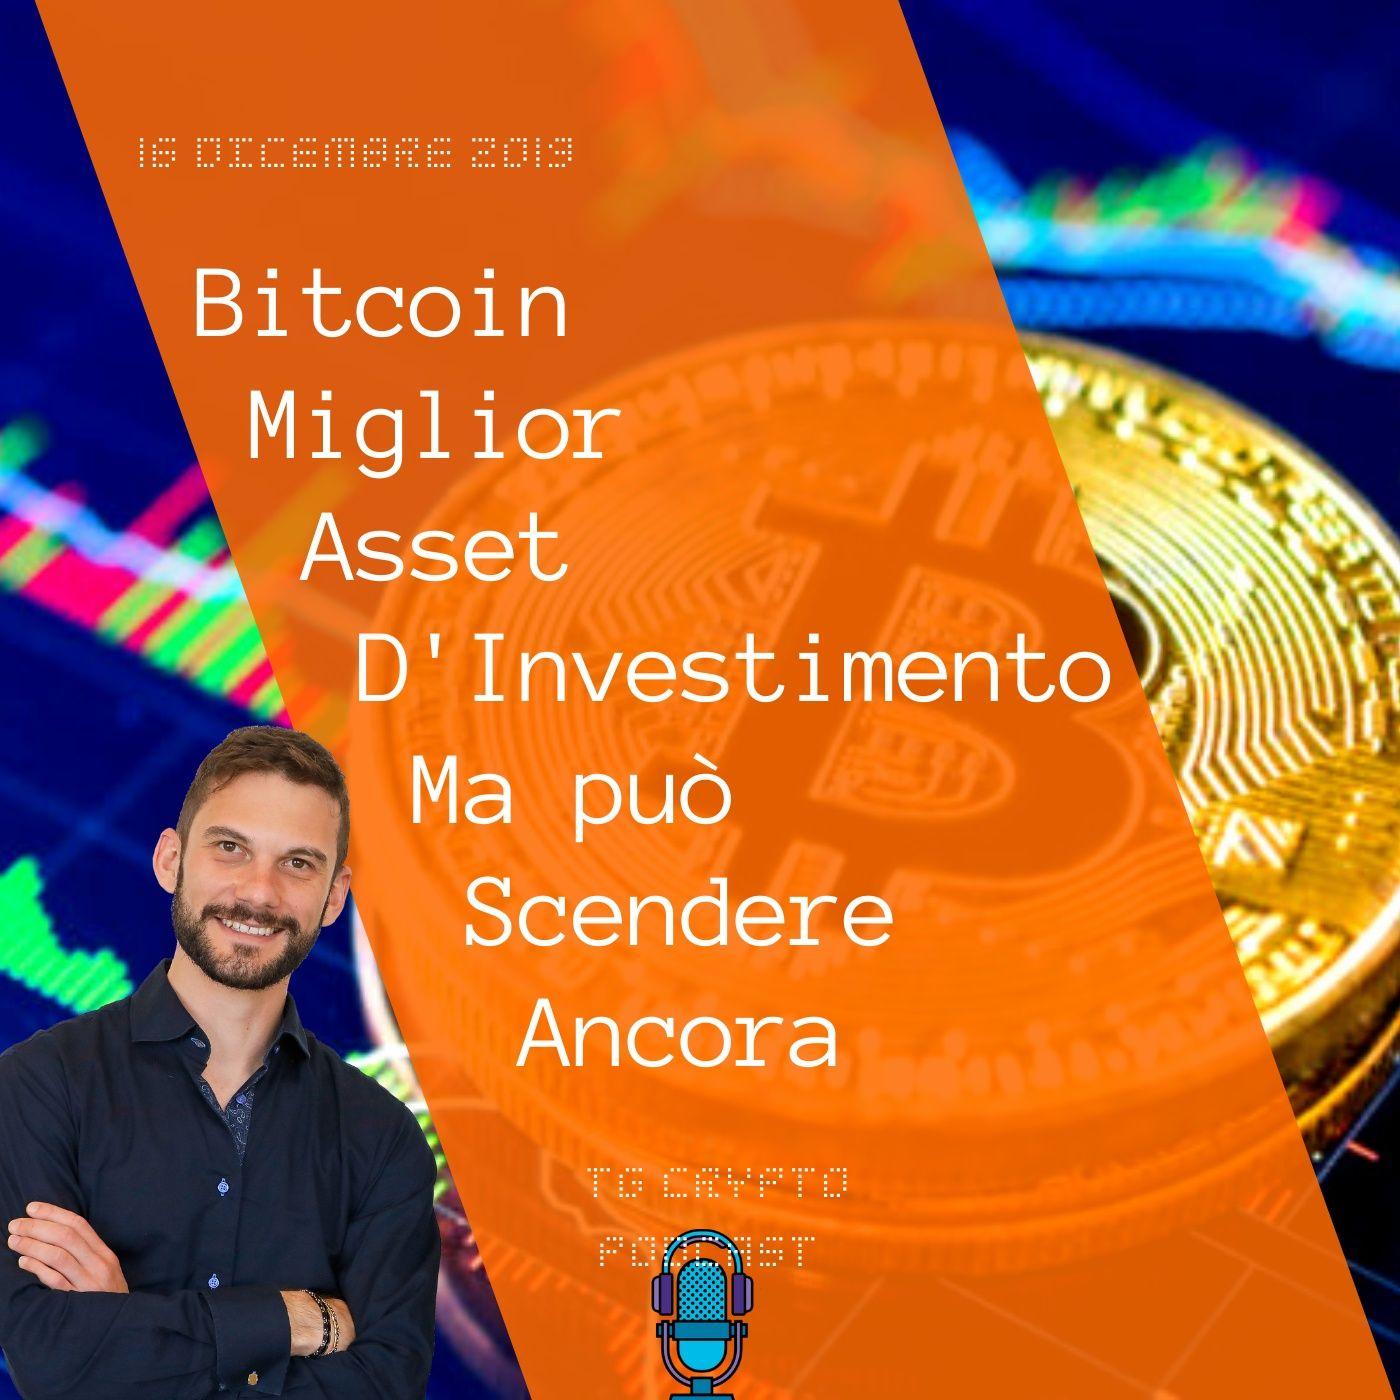 s9 bitcoin profit marzo 2021 società di investimento di stoccaggio in italia che accettano bitcoin